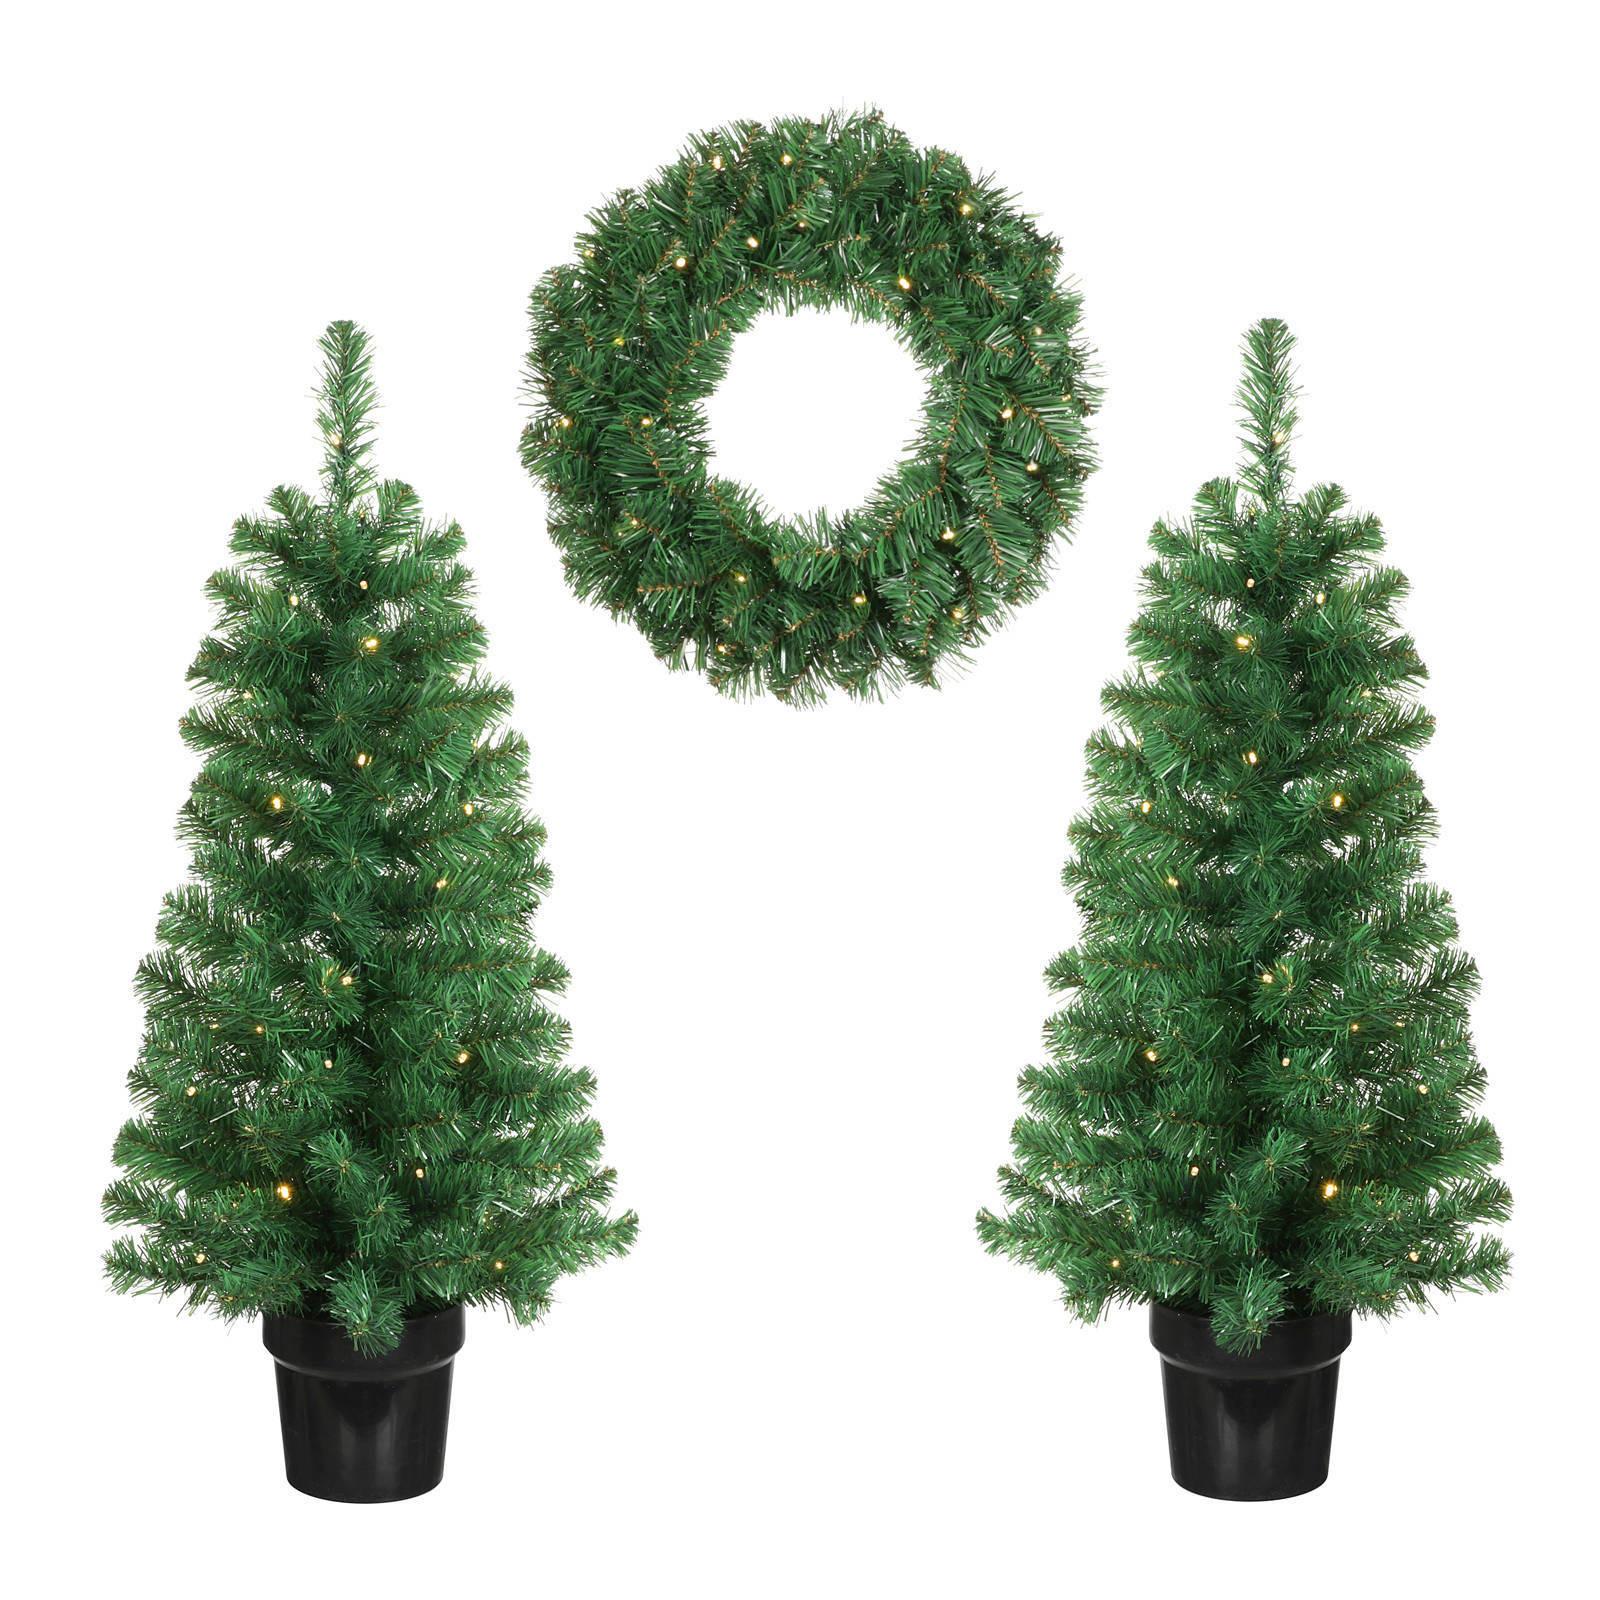 Kerstdecoratie verlichte krans en boompjes voor de voordeur